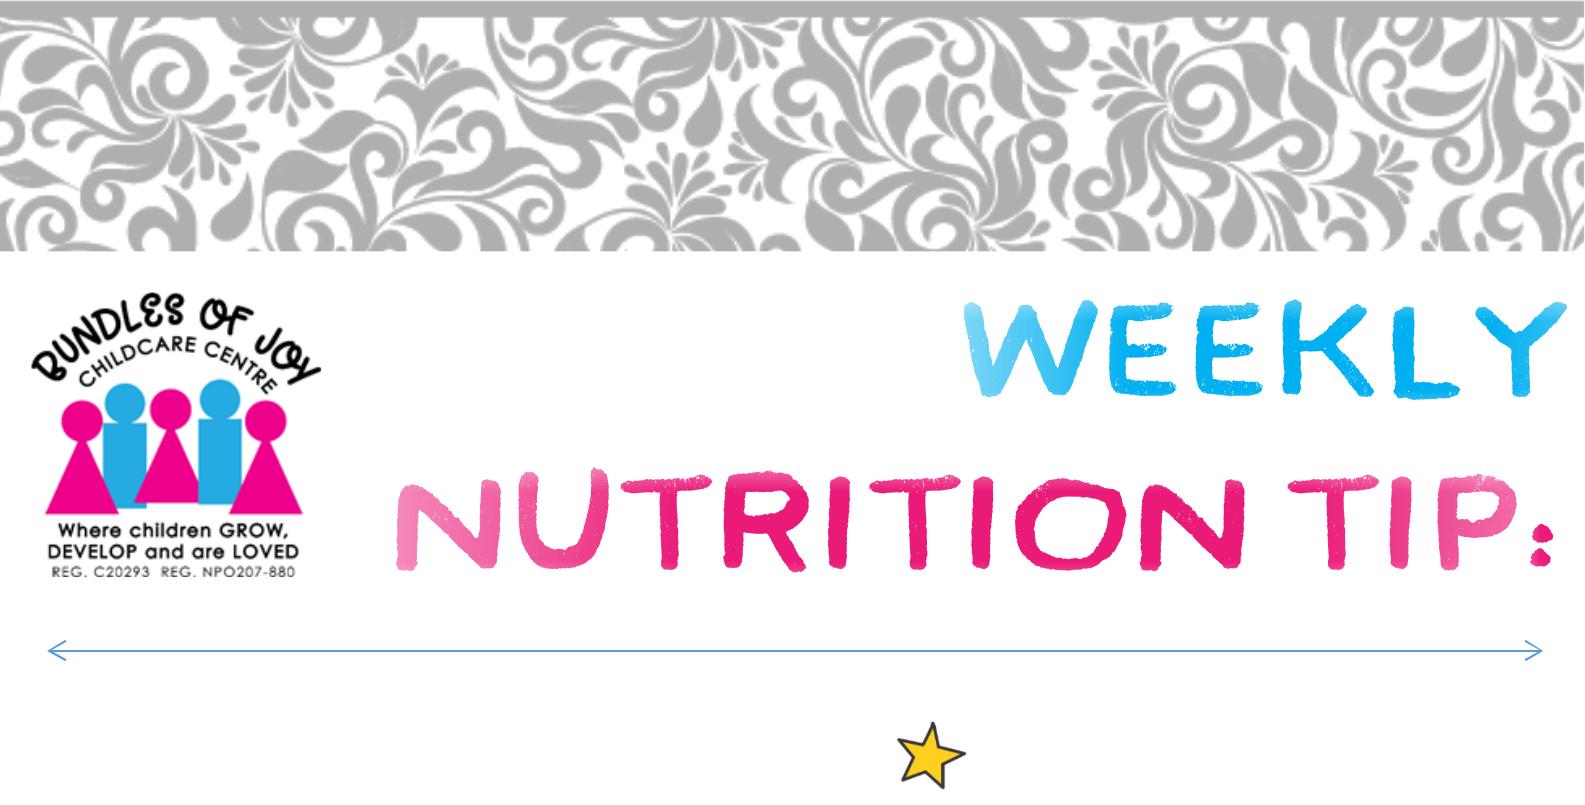 Week 1 Nutrition Tip